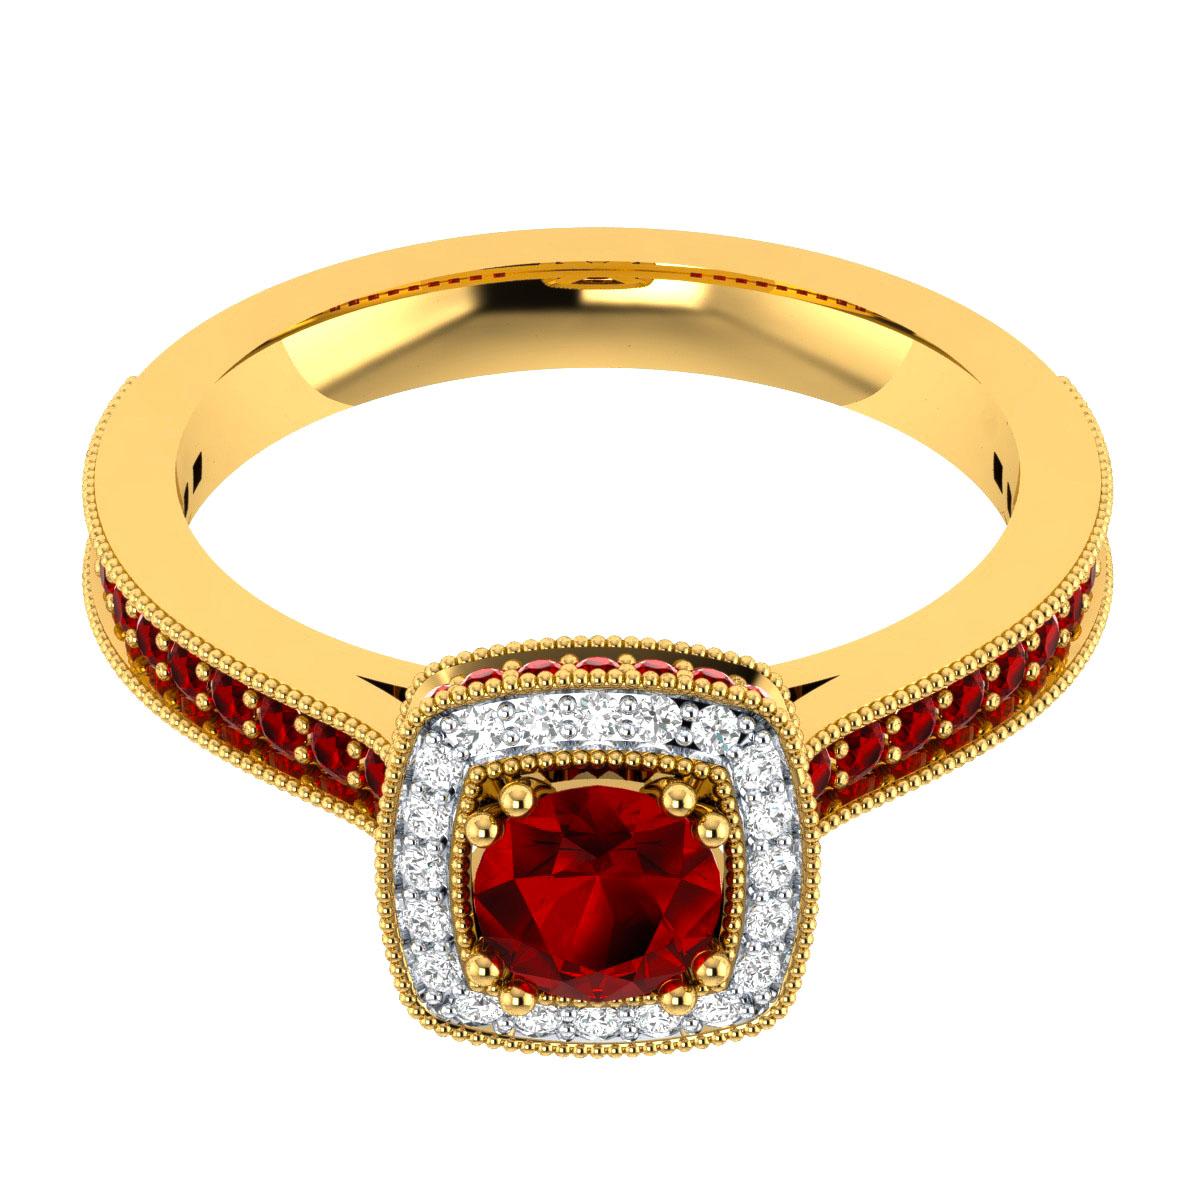 Slr 15604 Top Ru Yg Nikita Jewellers Pvt Ltd